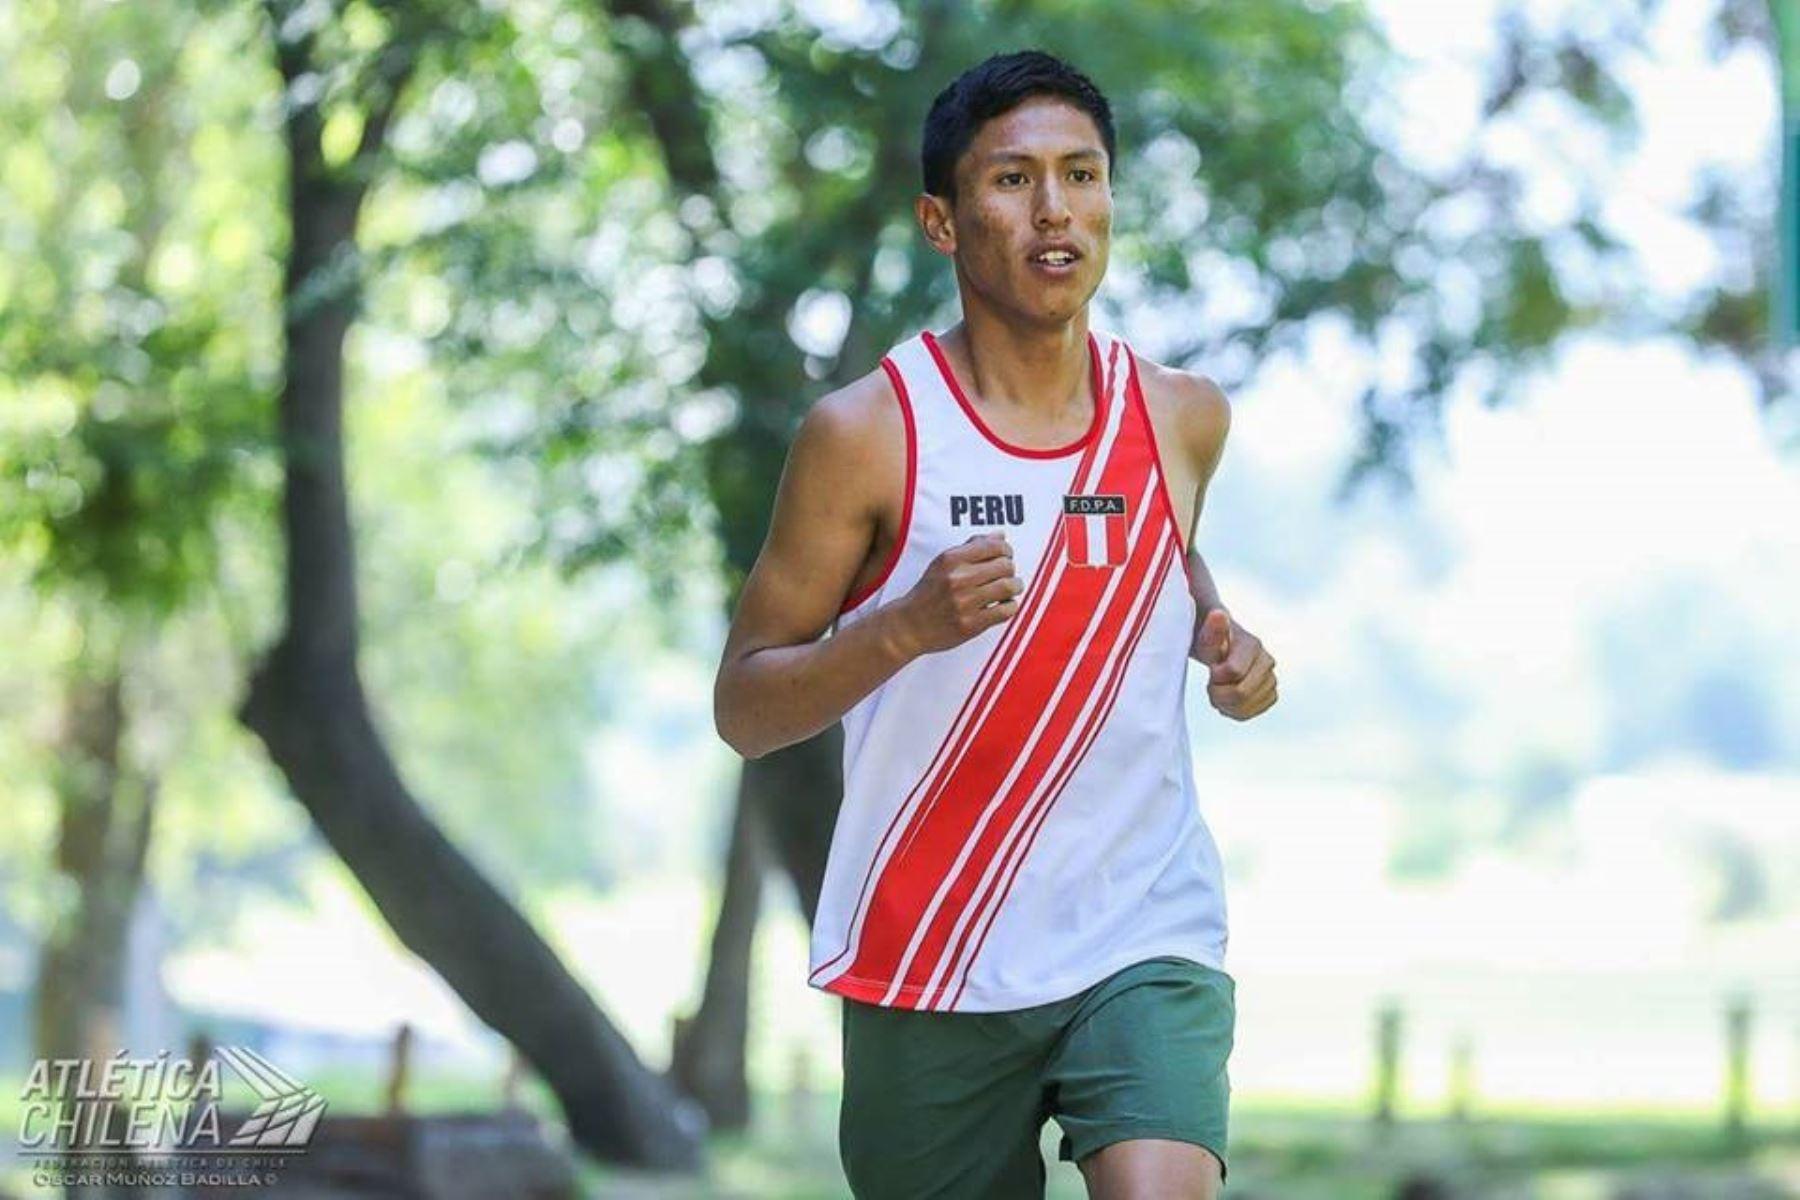 Resultado de imagen para Selección peruana de atletismo triunfó en el Grand Prix disputado en Bolivia